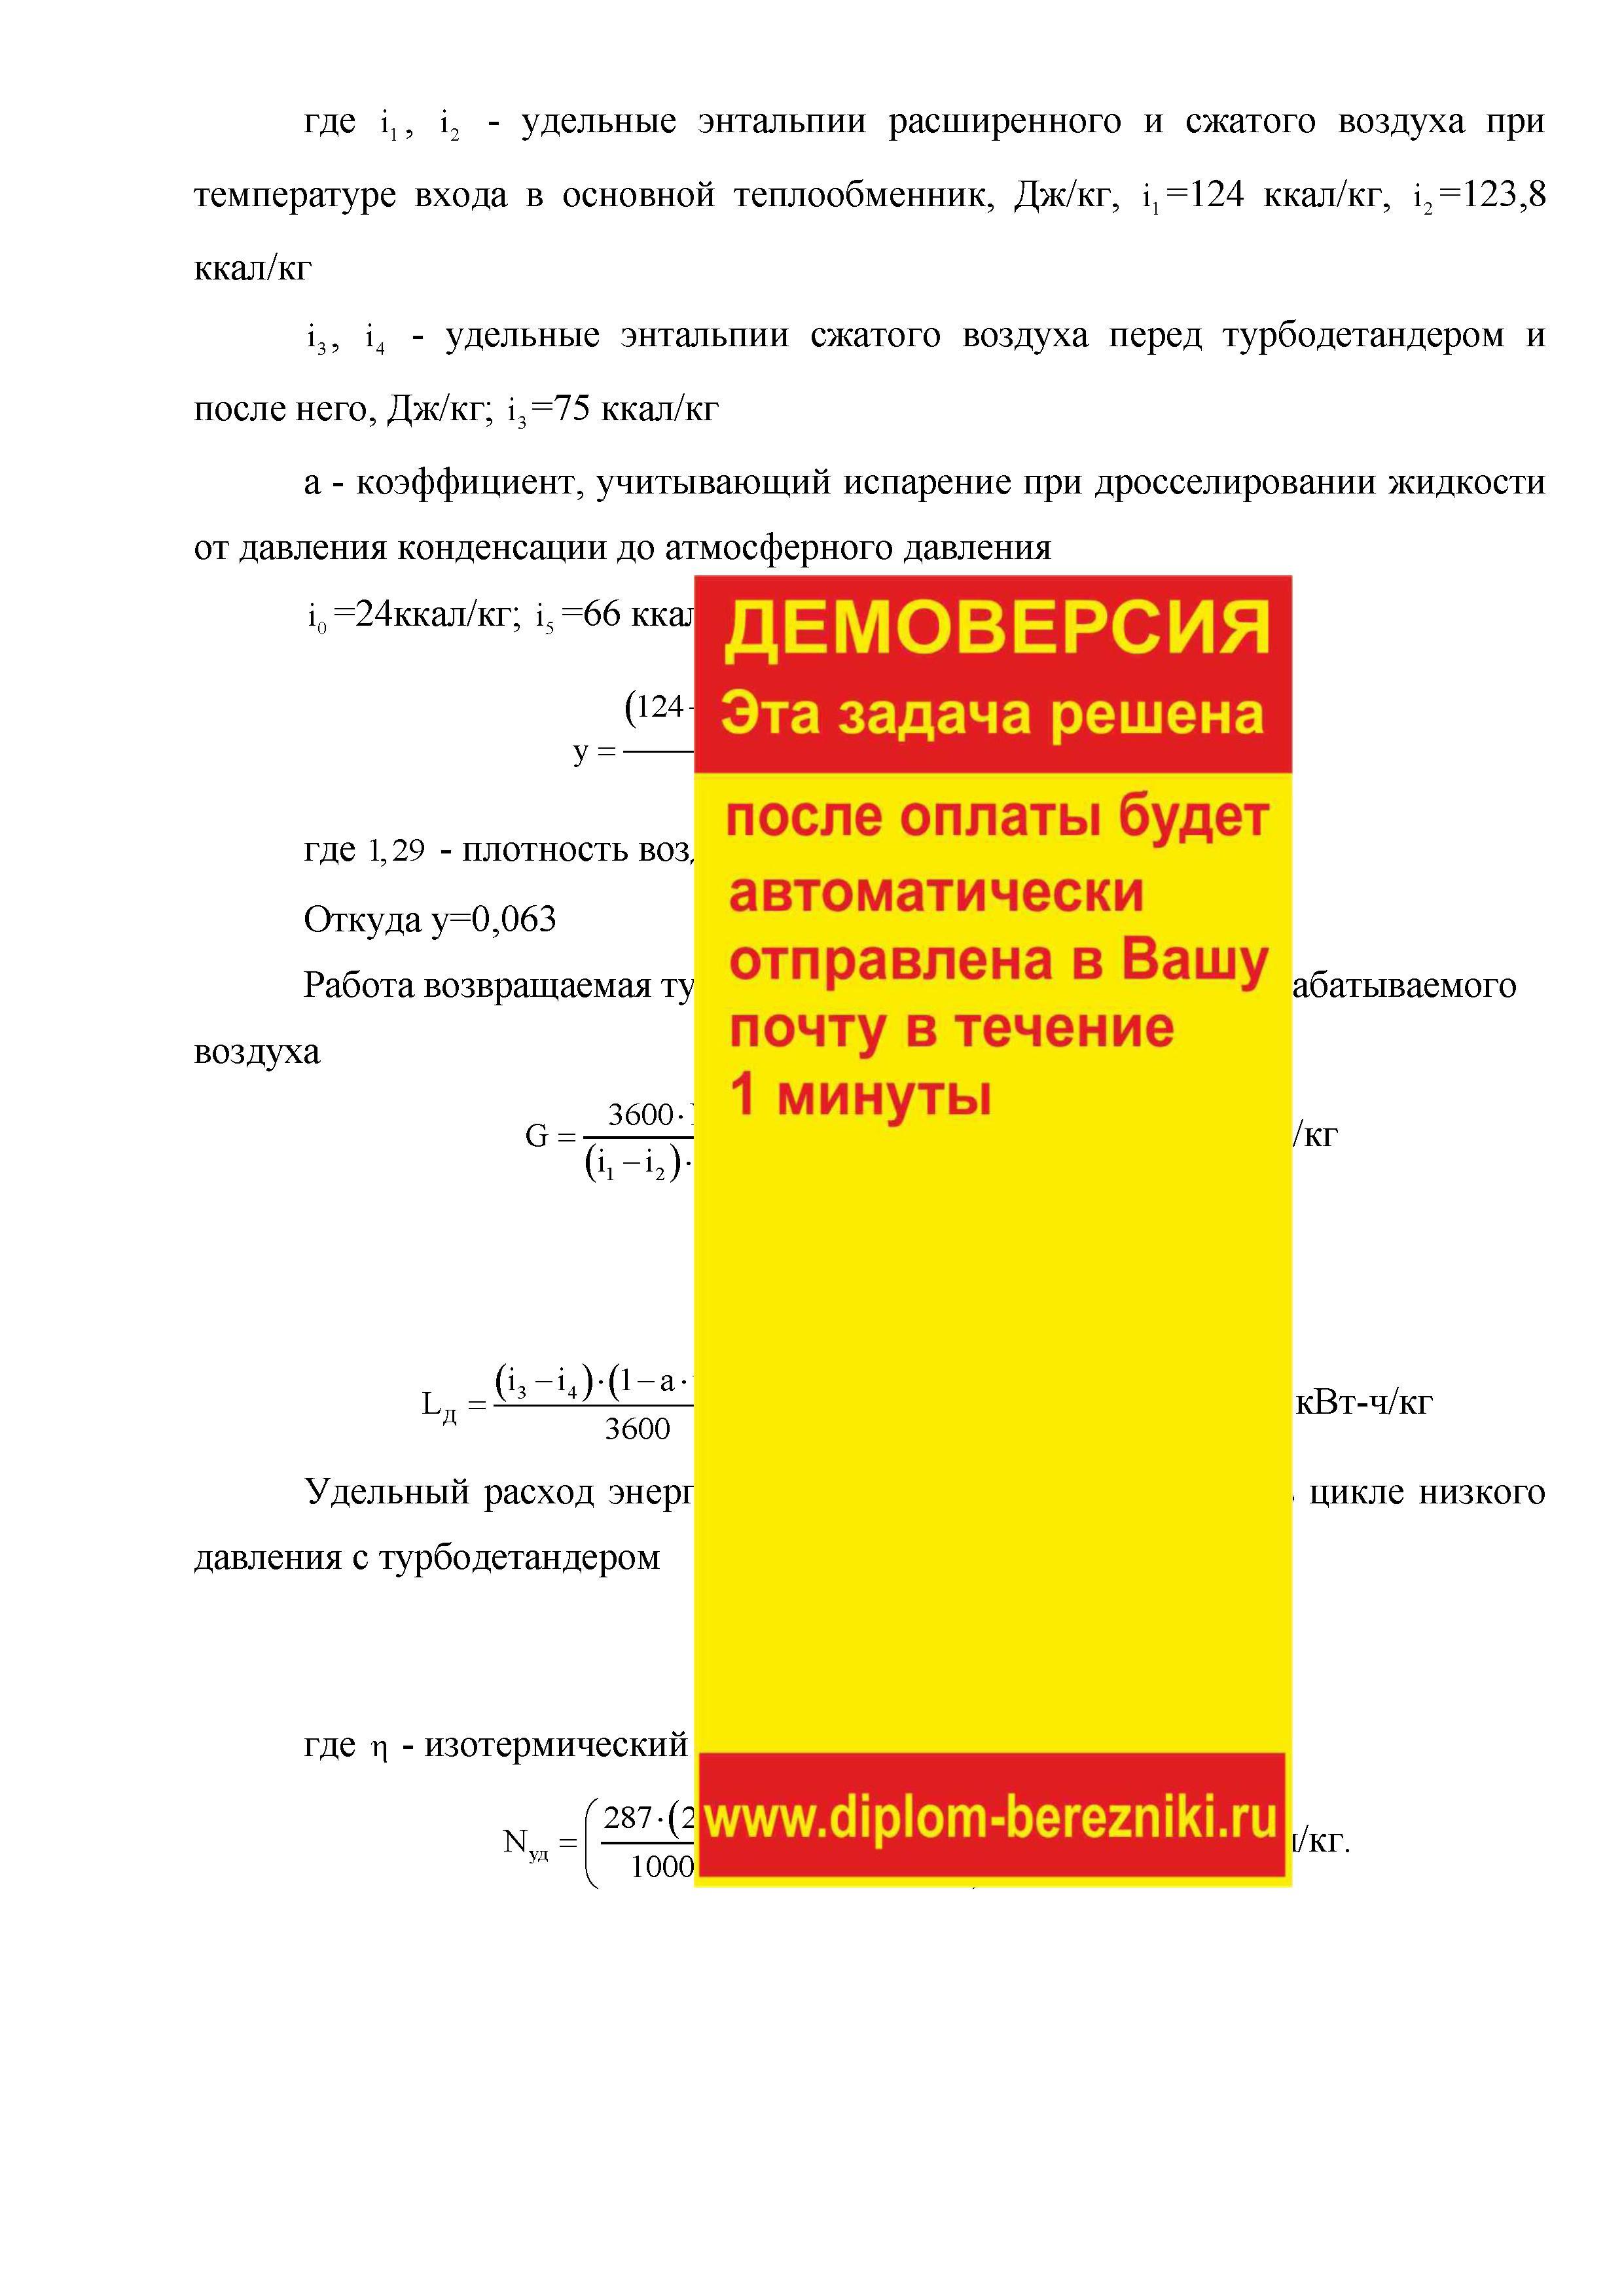 Решение задачи 11.24  по ПАХТ из задачника Павлова Романкова Носкова